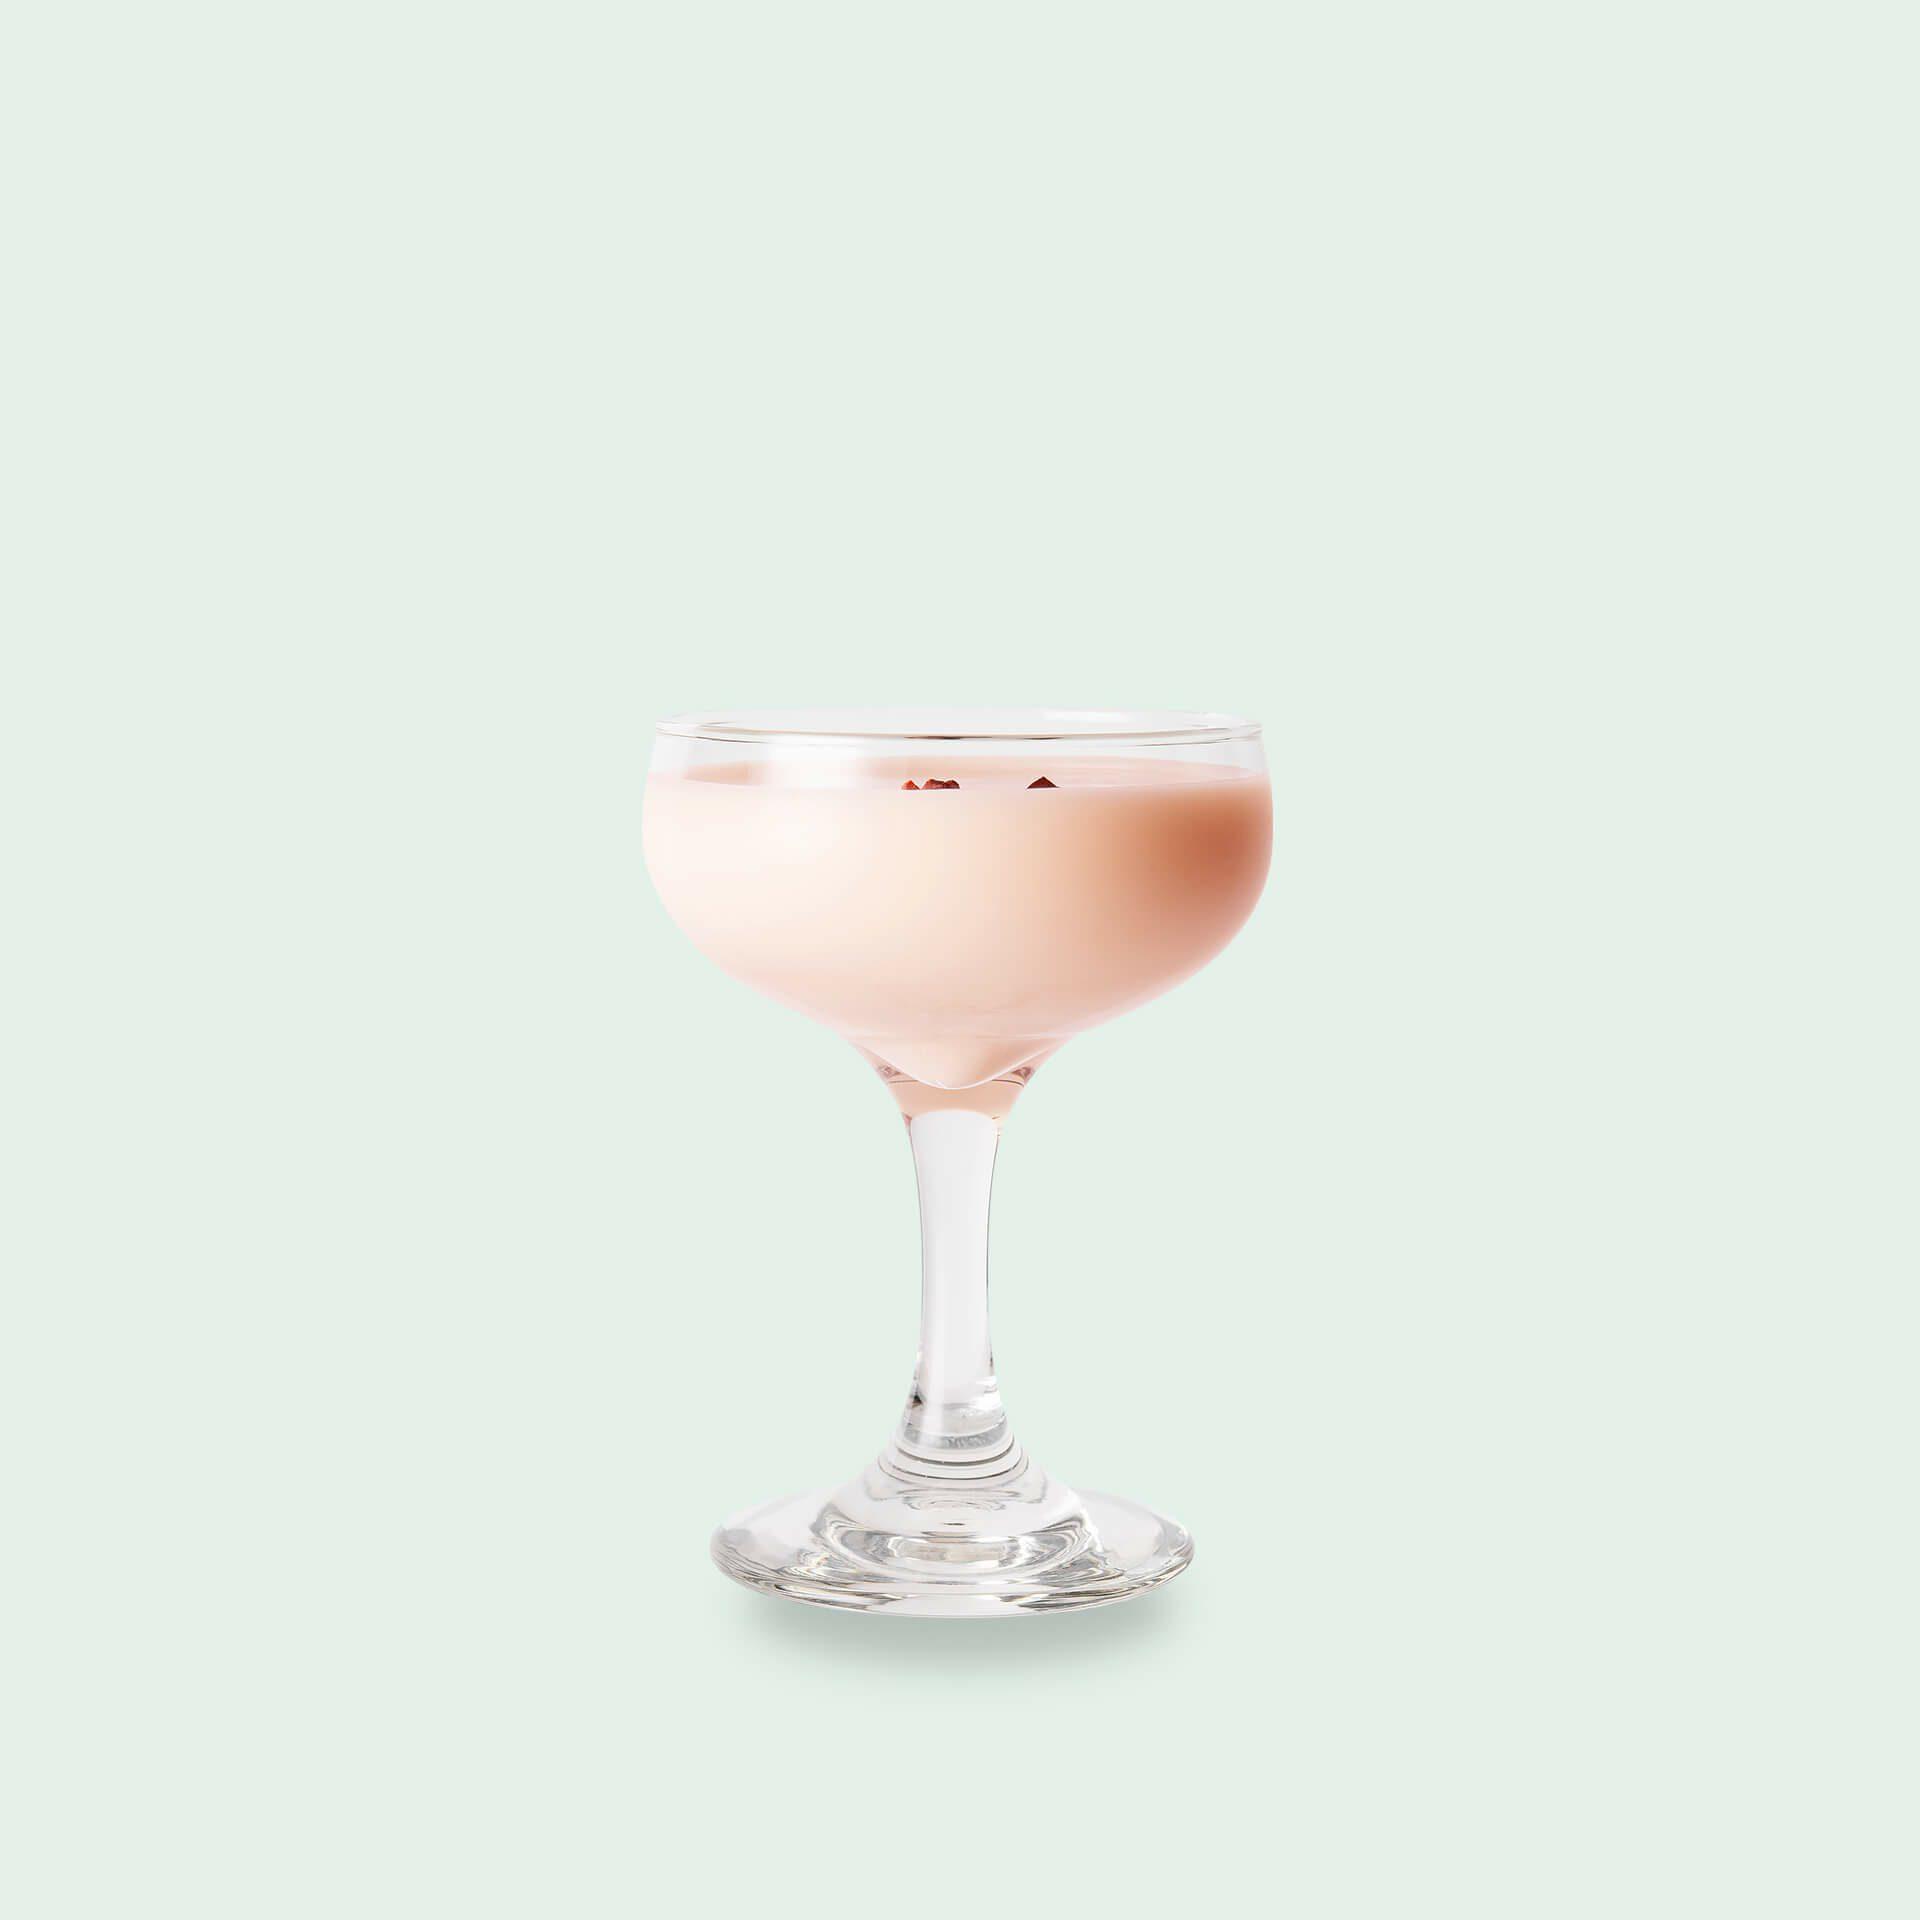 alkoholfreie Cocktail Box von Drink Syndikat - Pina Colada ohne Alkohol zuhause selber zubereiten